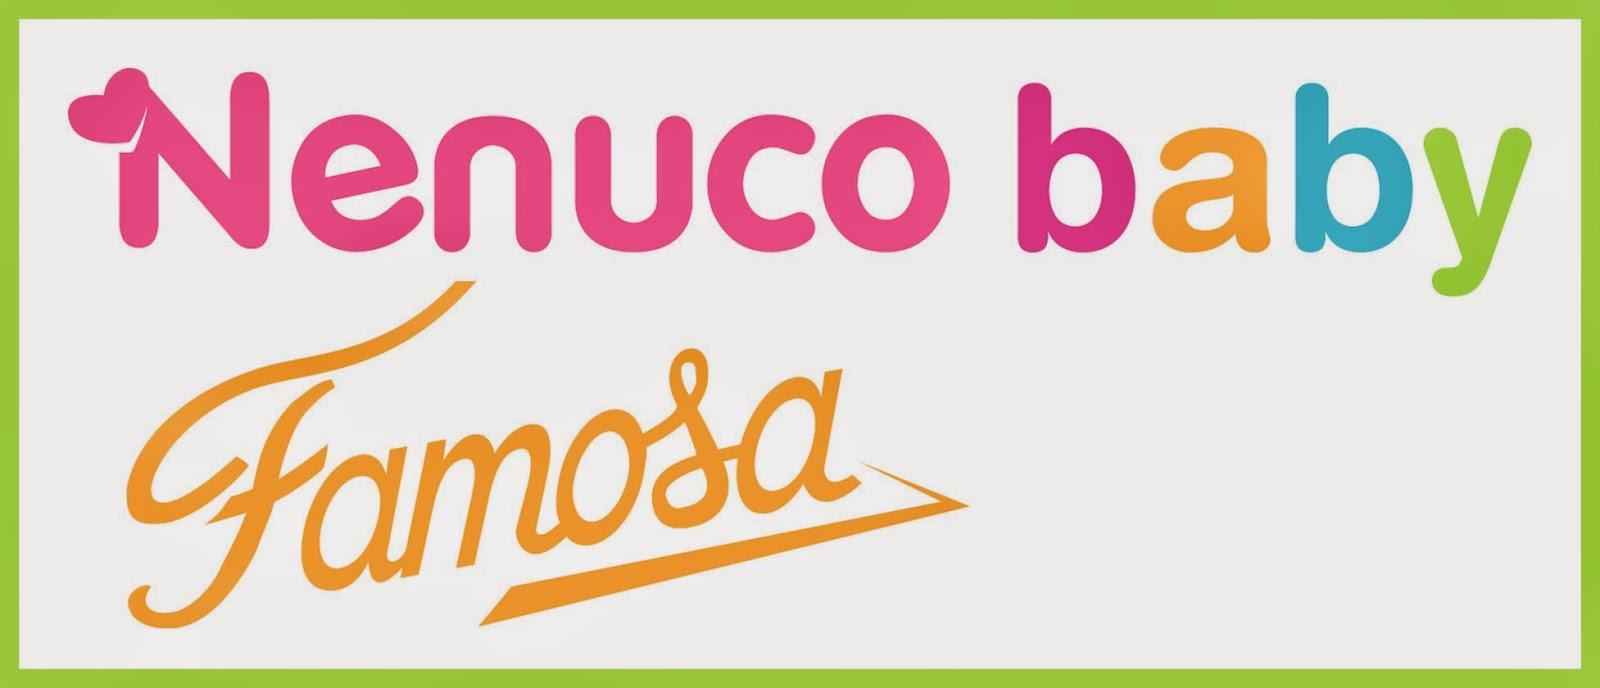 Nenuco baby, nueva marca de juguetes para bebés de Famosa